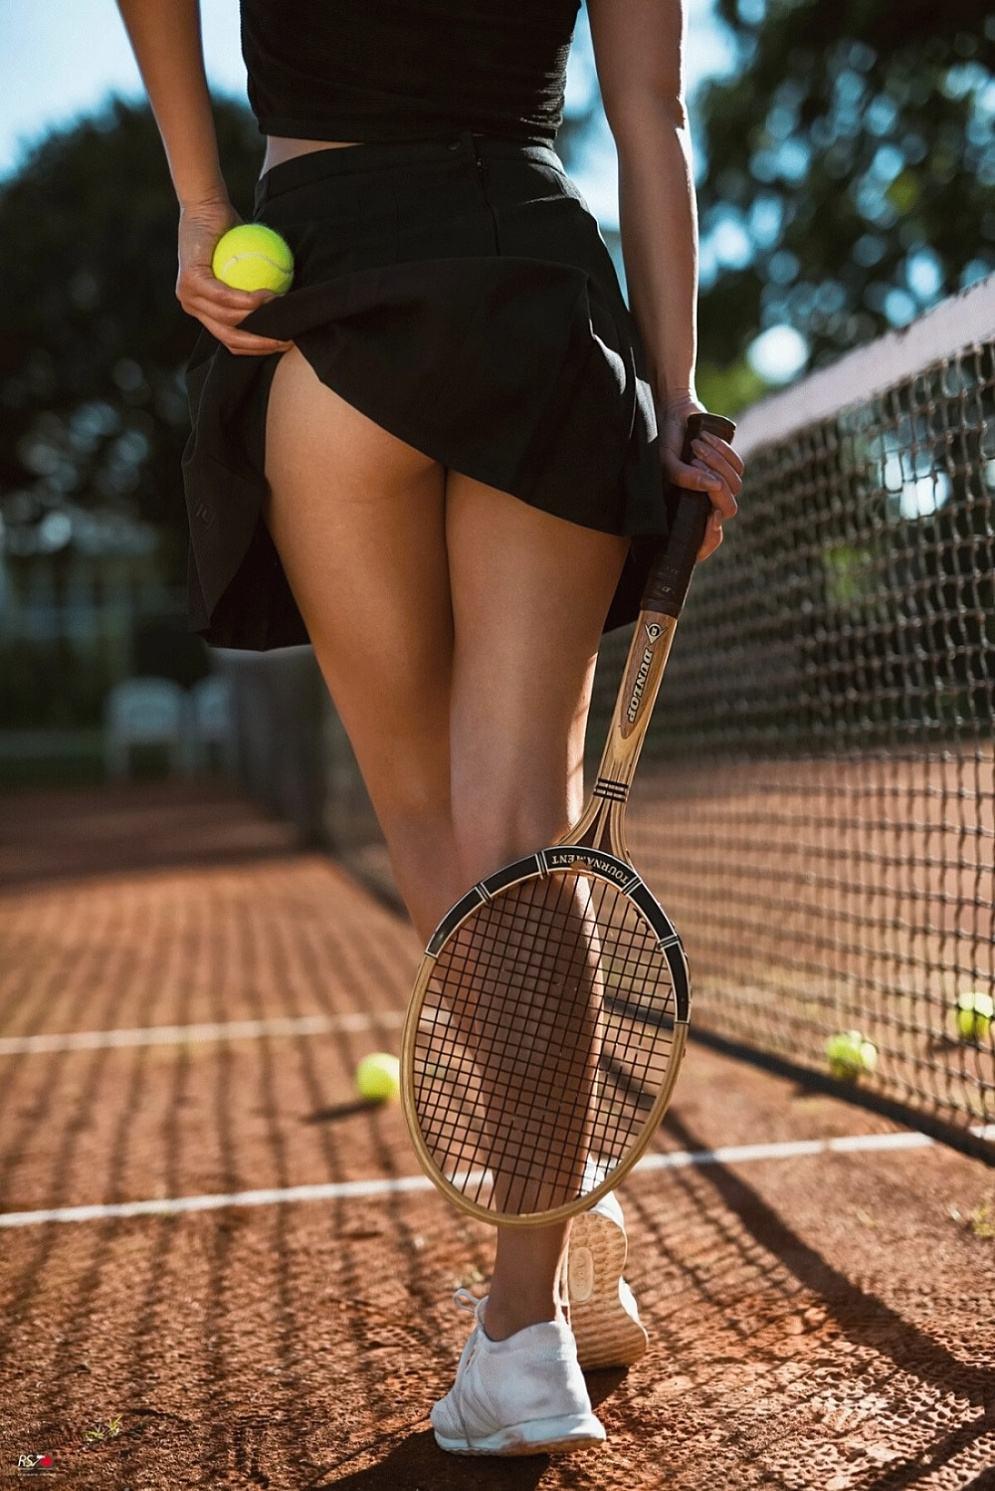 Obrázek -tennis-